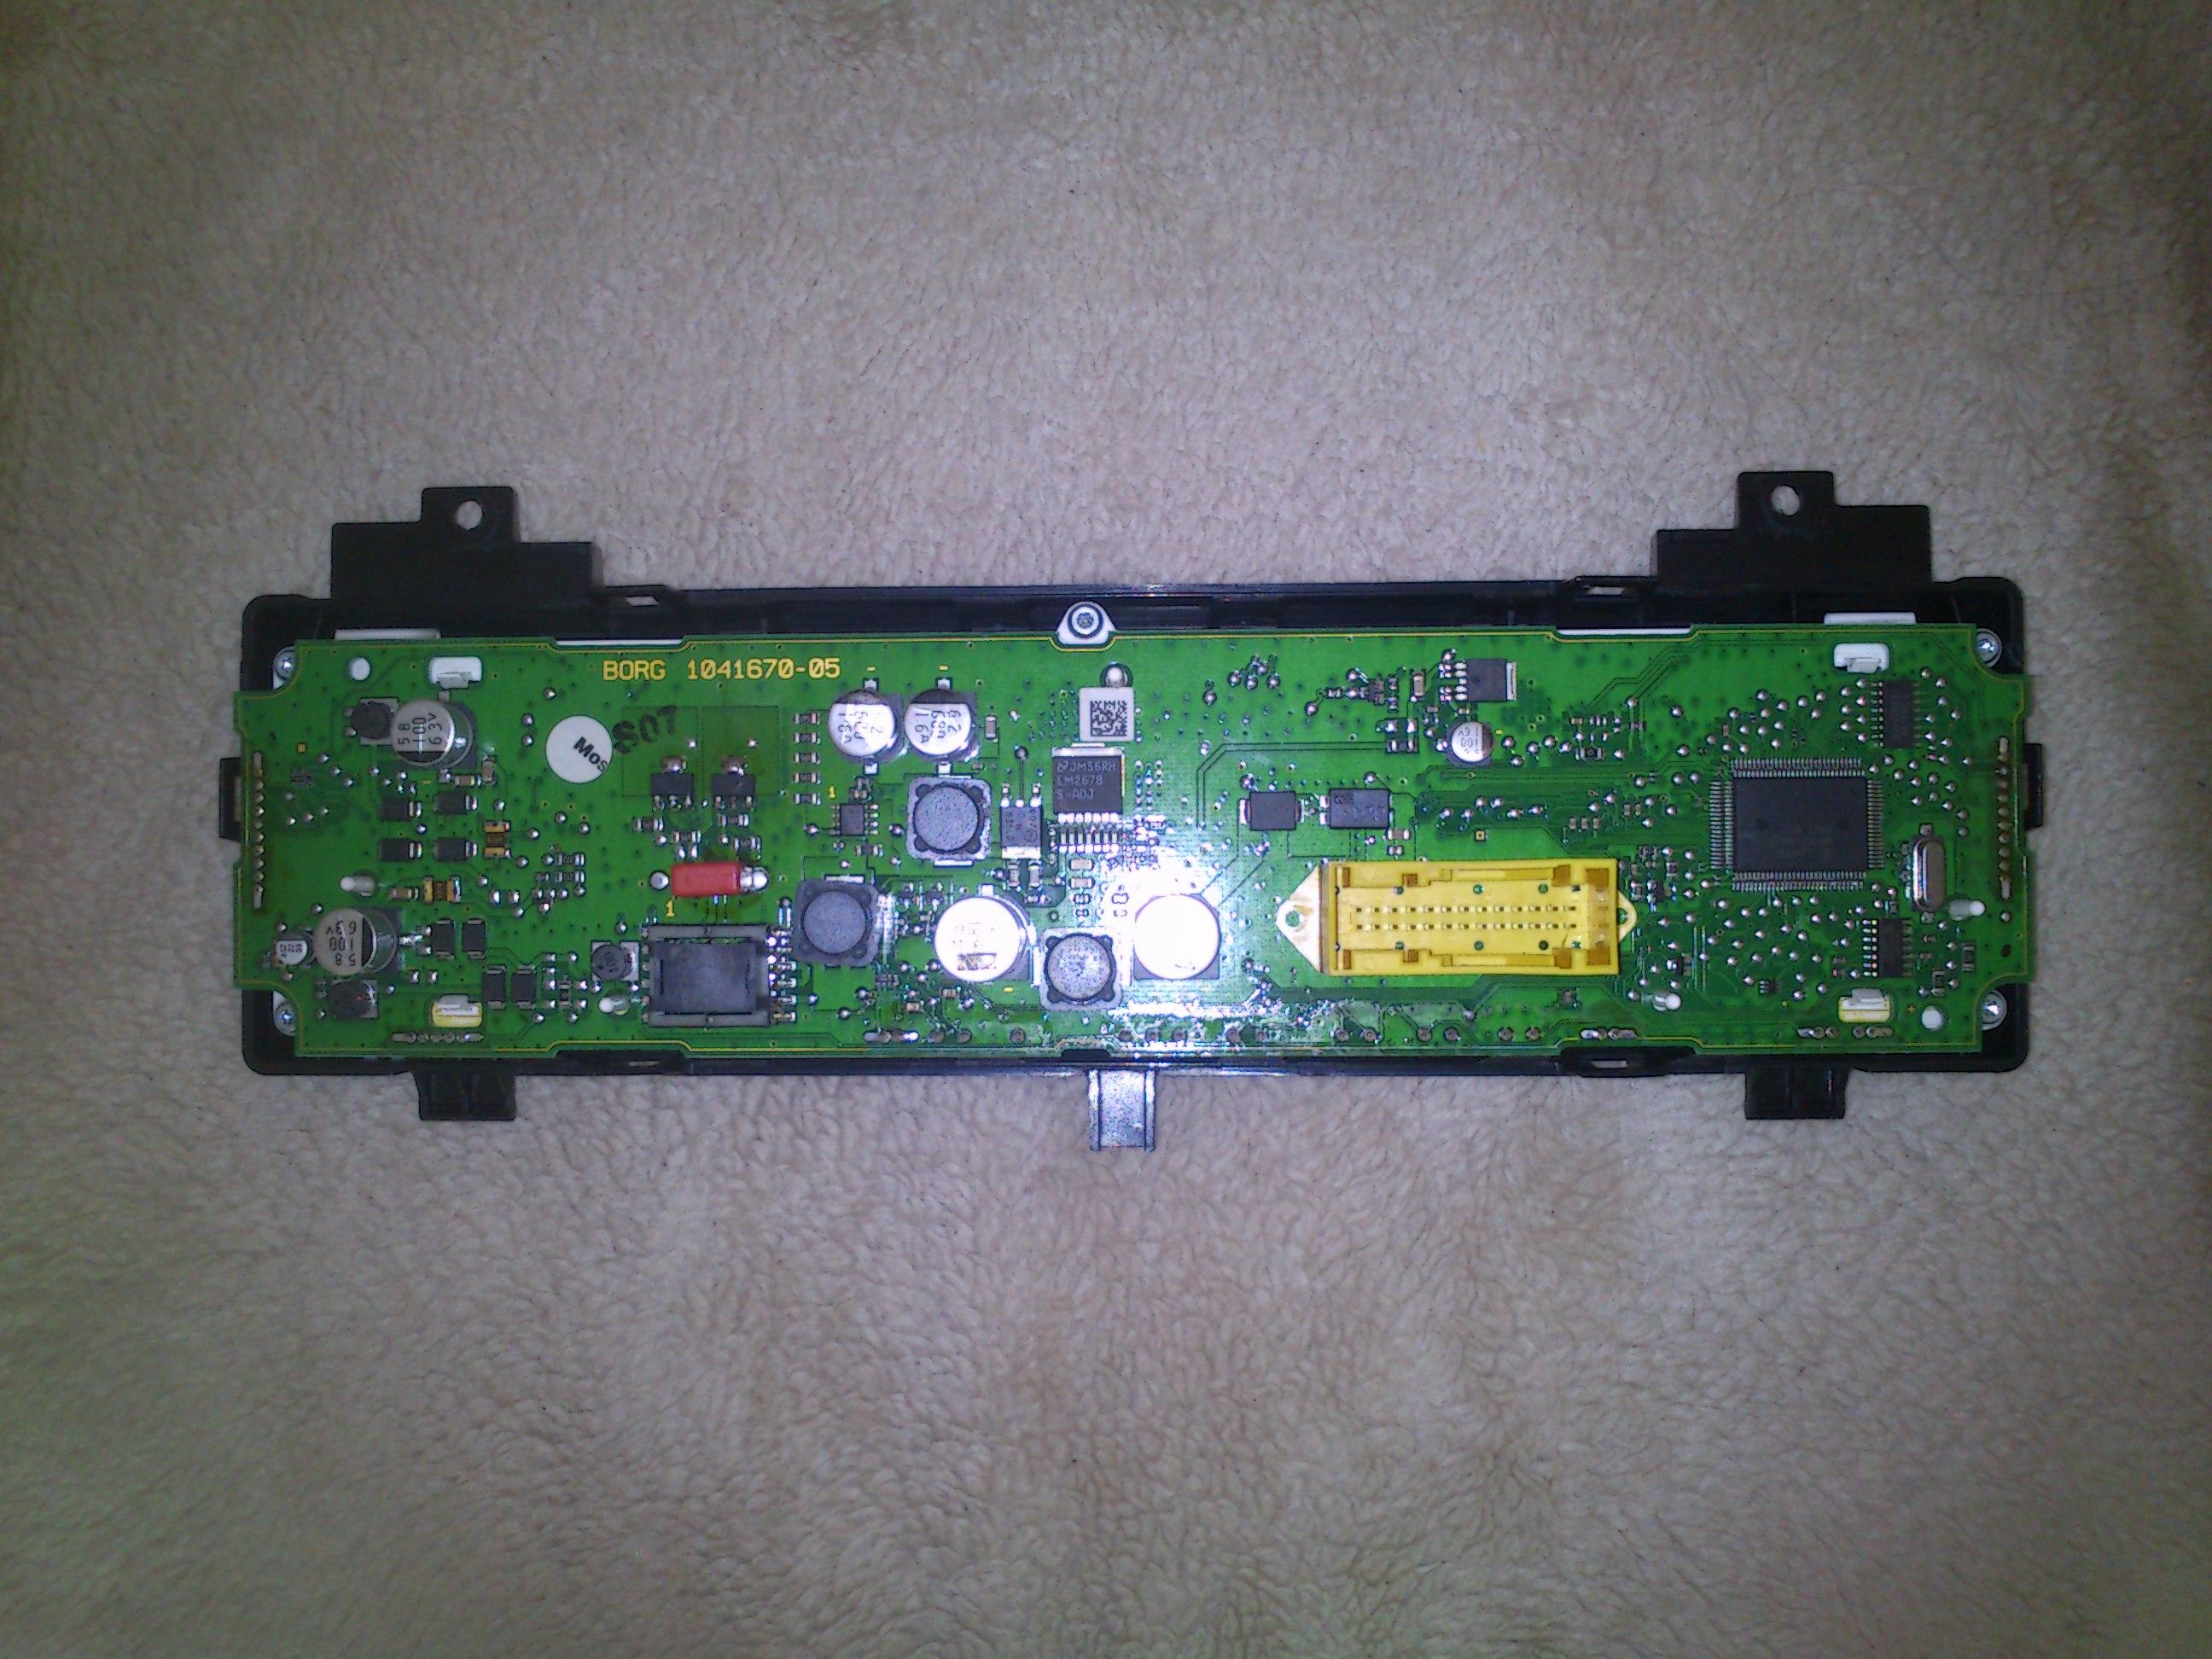 BORG 104670-05 - Licznik digital Citroen C6 -